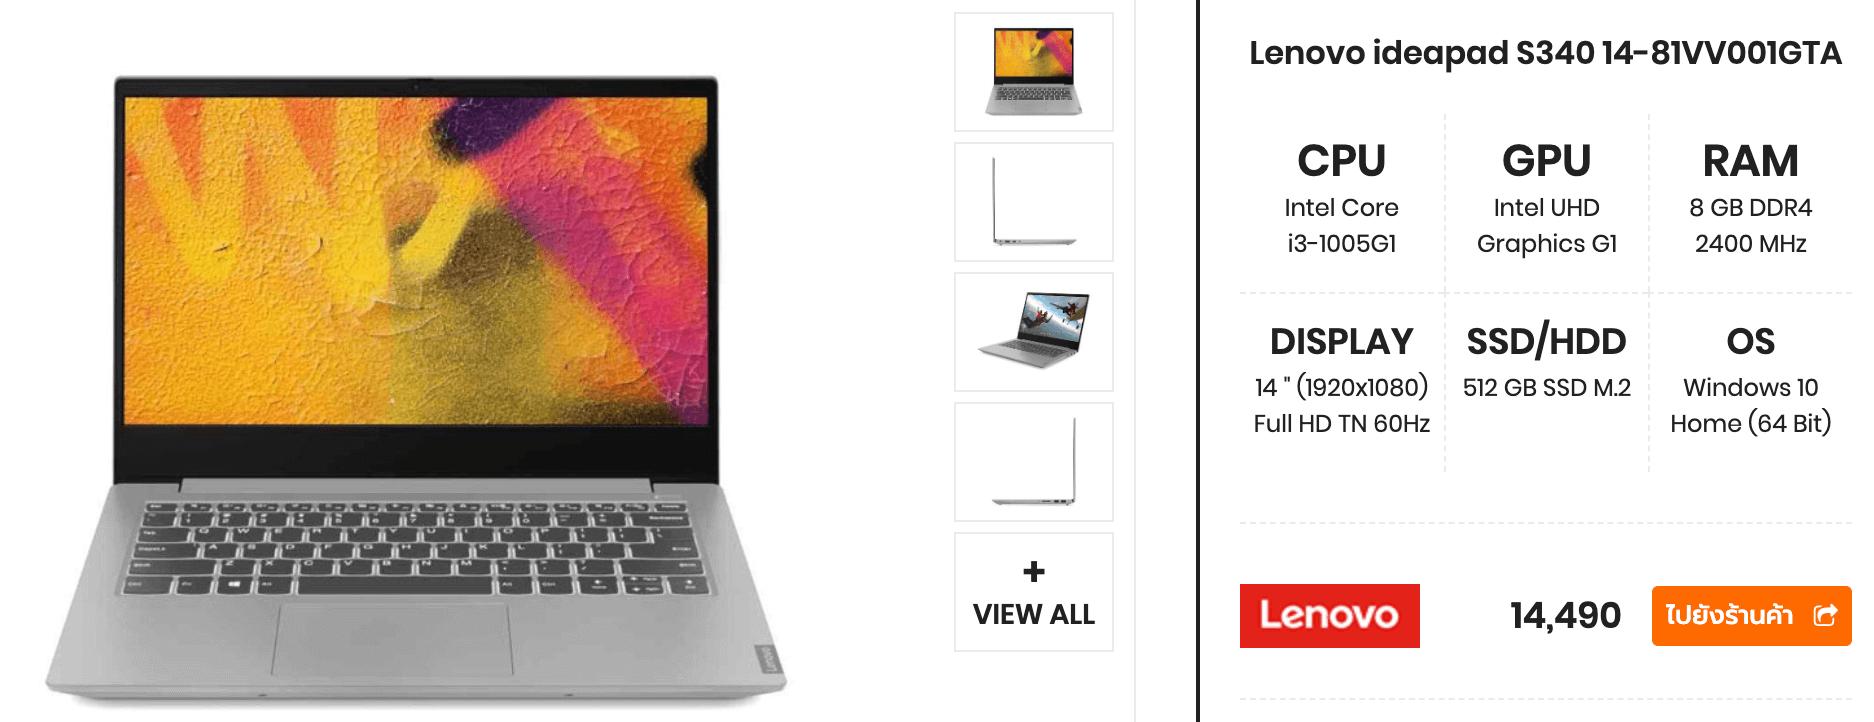 Lenovo ideapad S340 14 81VV001GTA